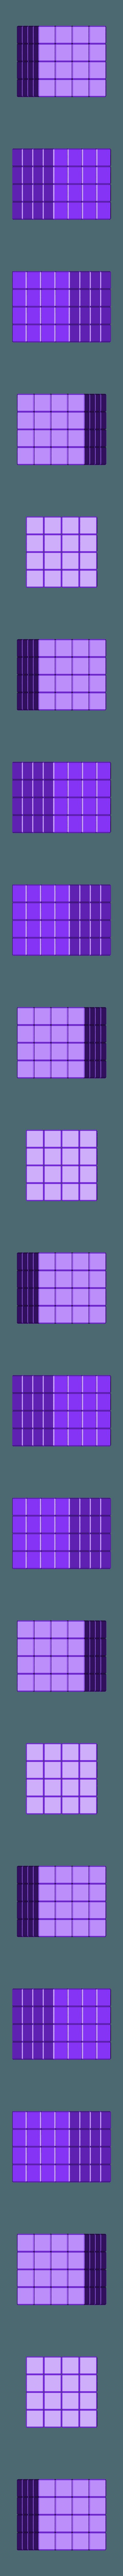 4x4.STL Download free STL file Rubik cube • 3D printer object, Thierryc44